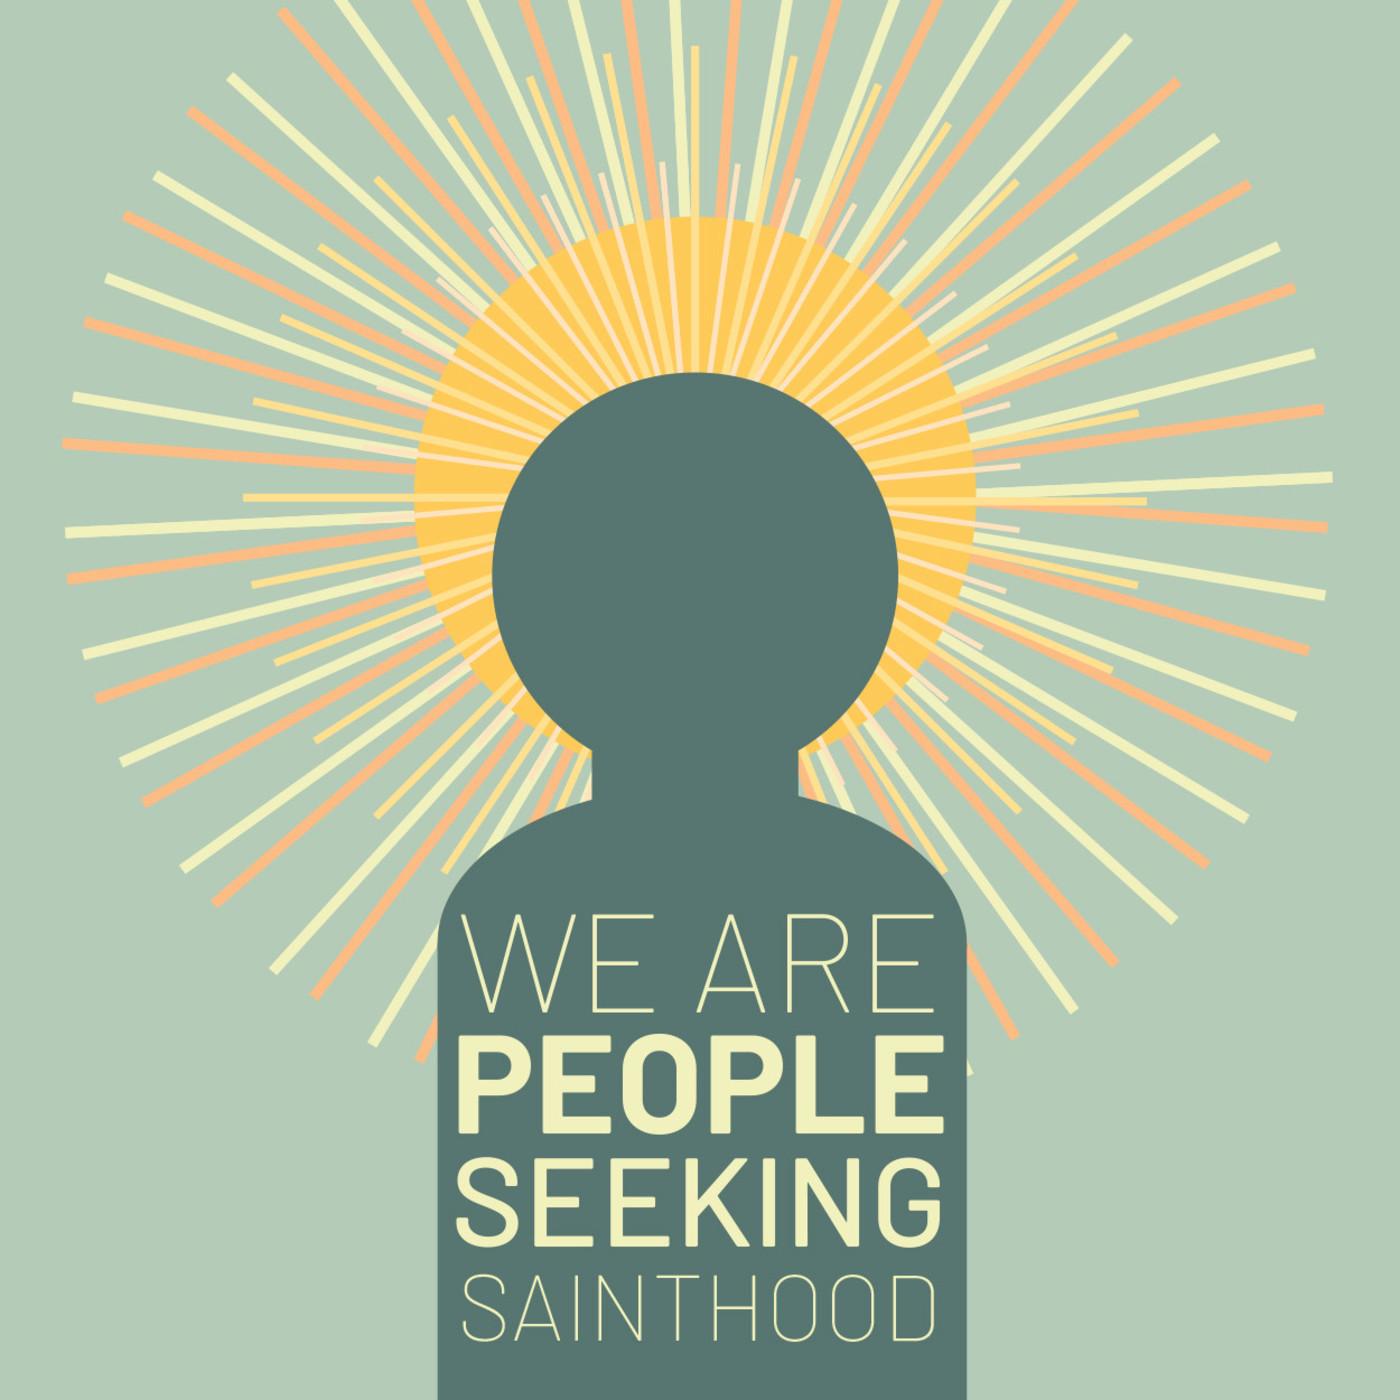 People Seeking Sainthood